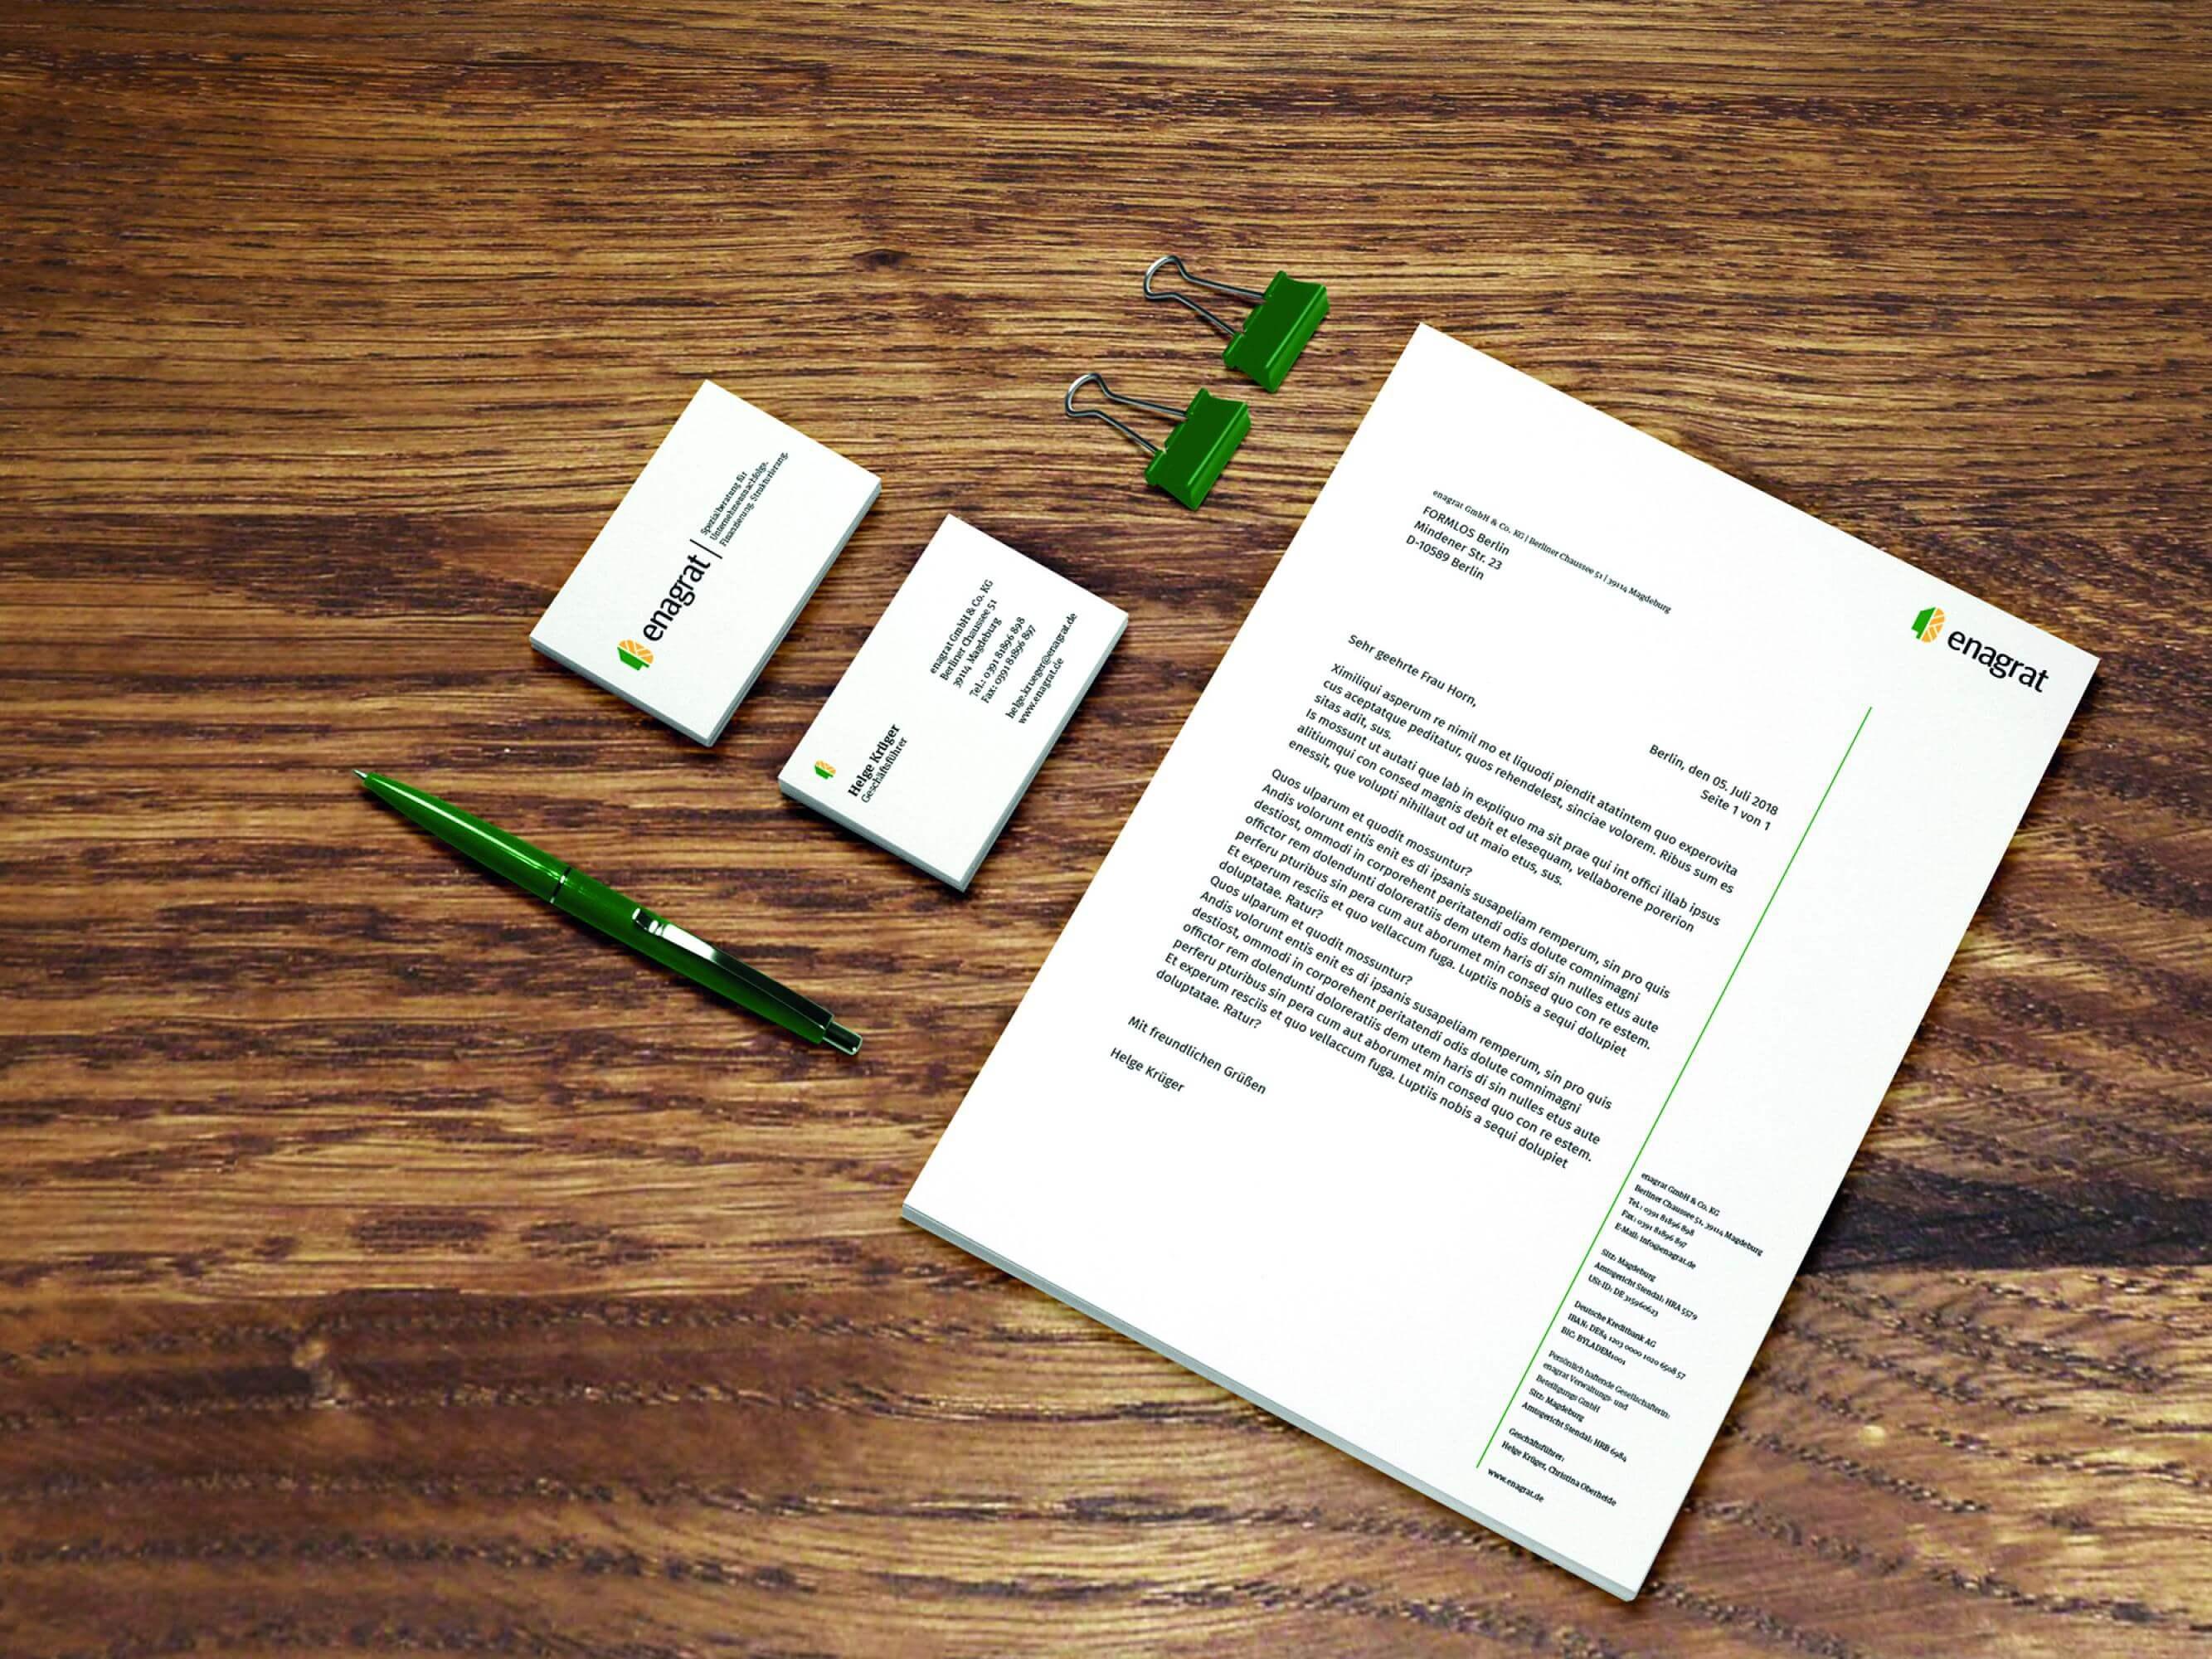 Branding-Beratungsunternehmen-fuer-Land-und-Forstwirtschaft